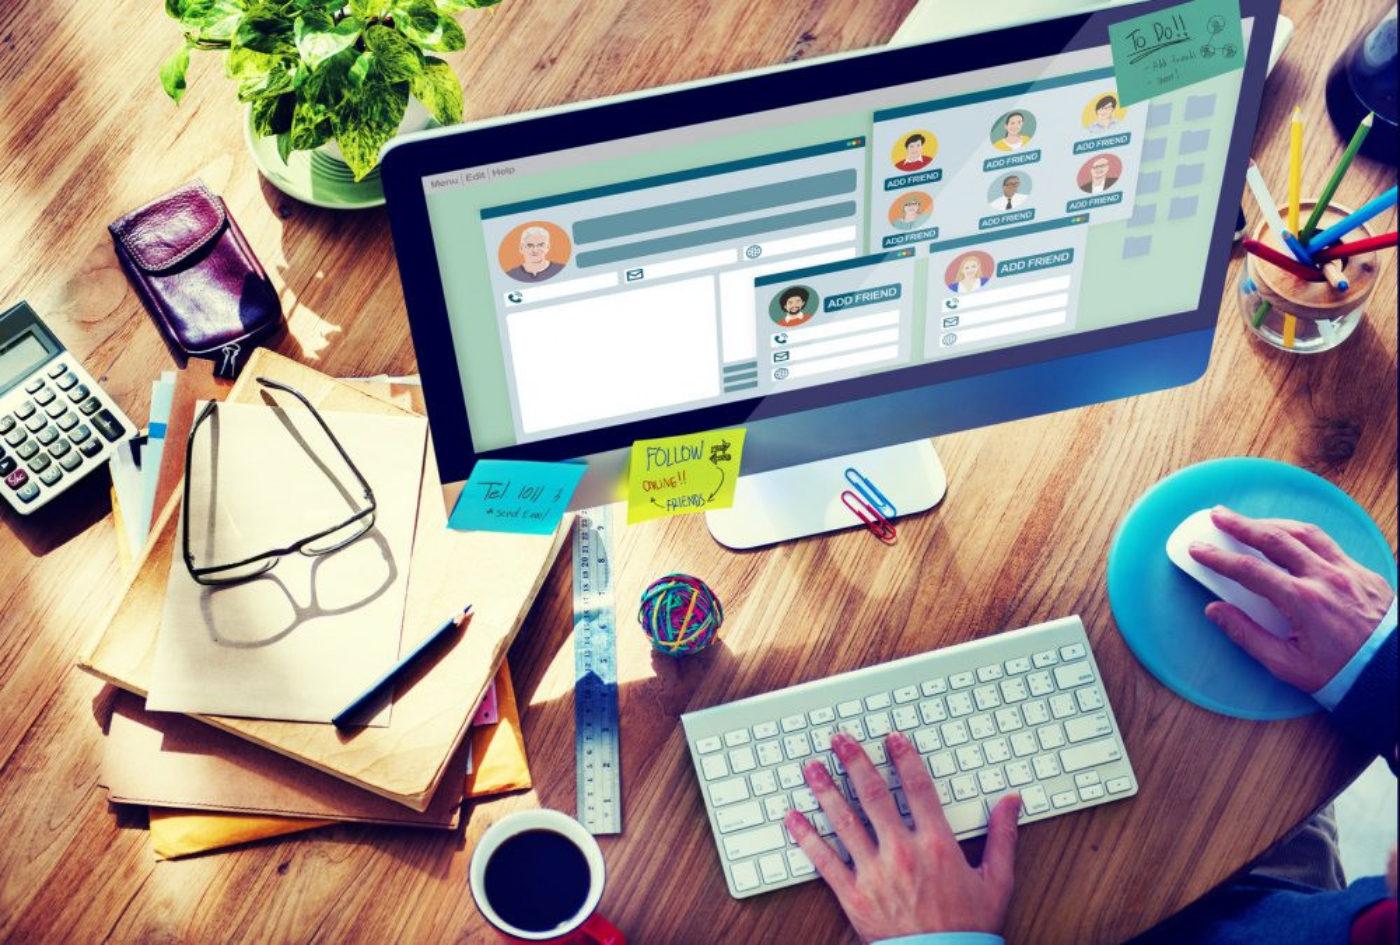 События: Мастер-класс «Социальные сети для бизнеса — быстрый старт» в Харькове